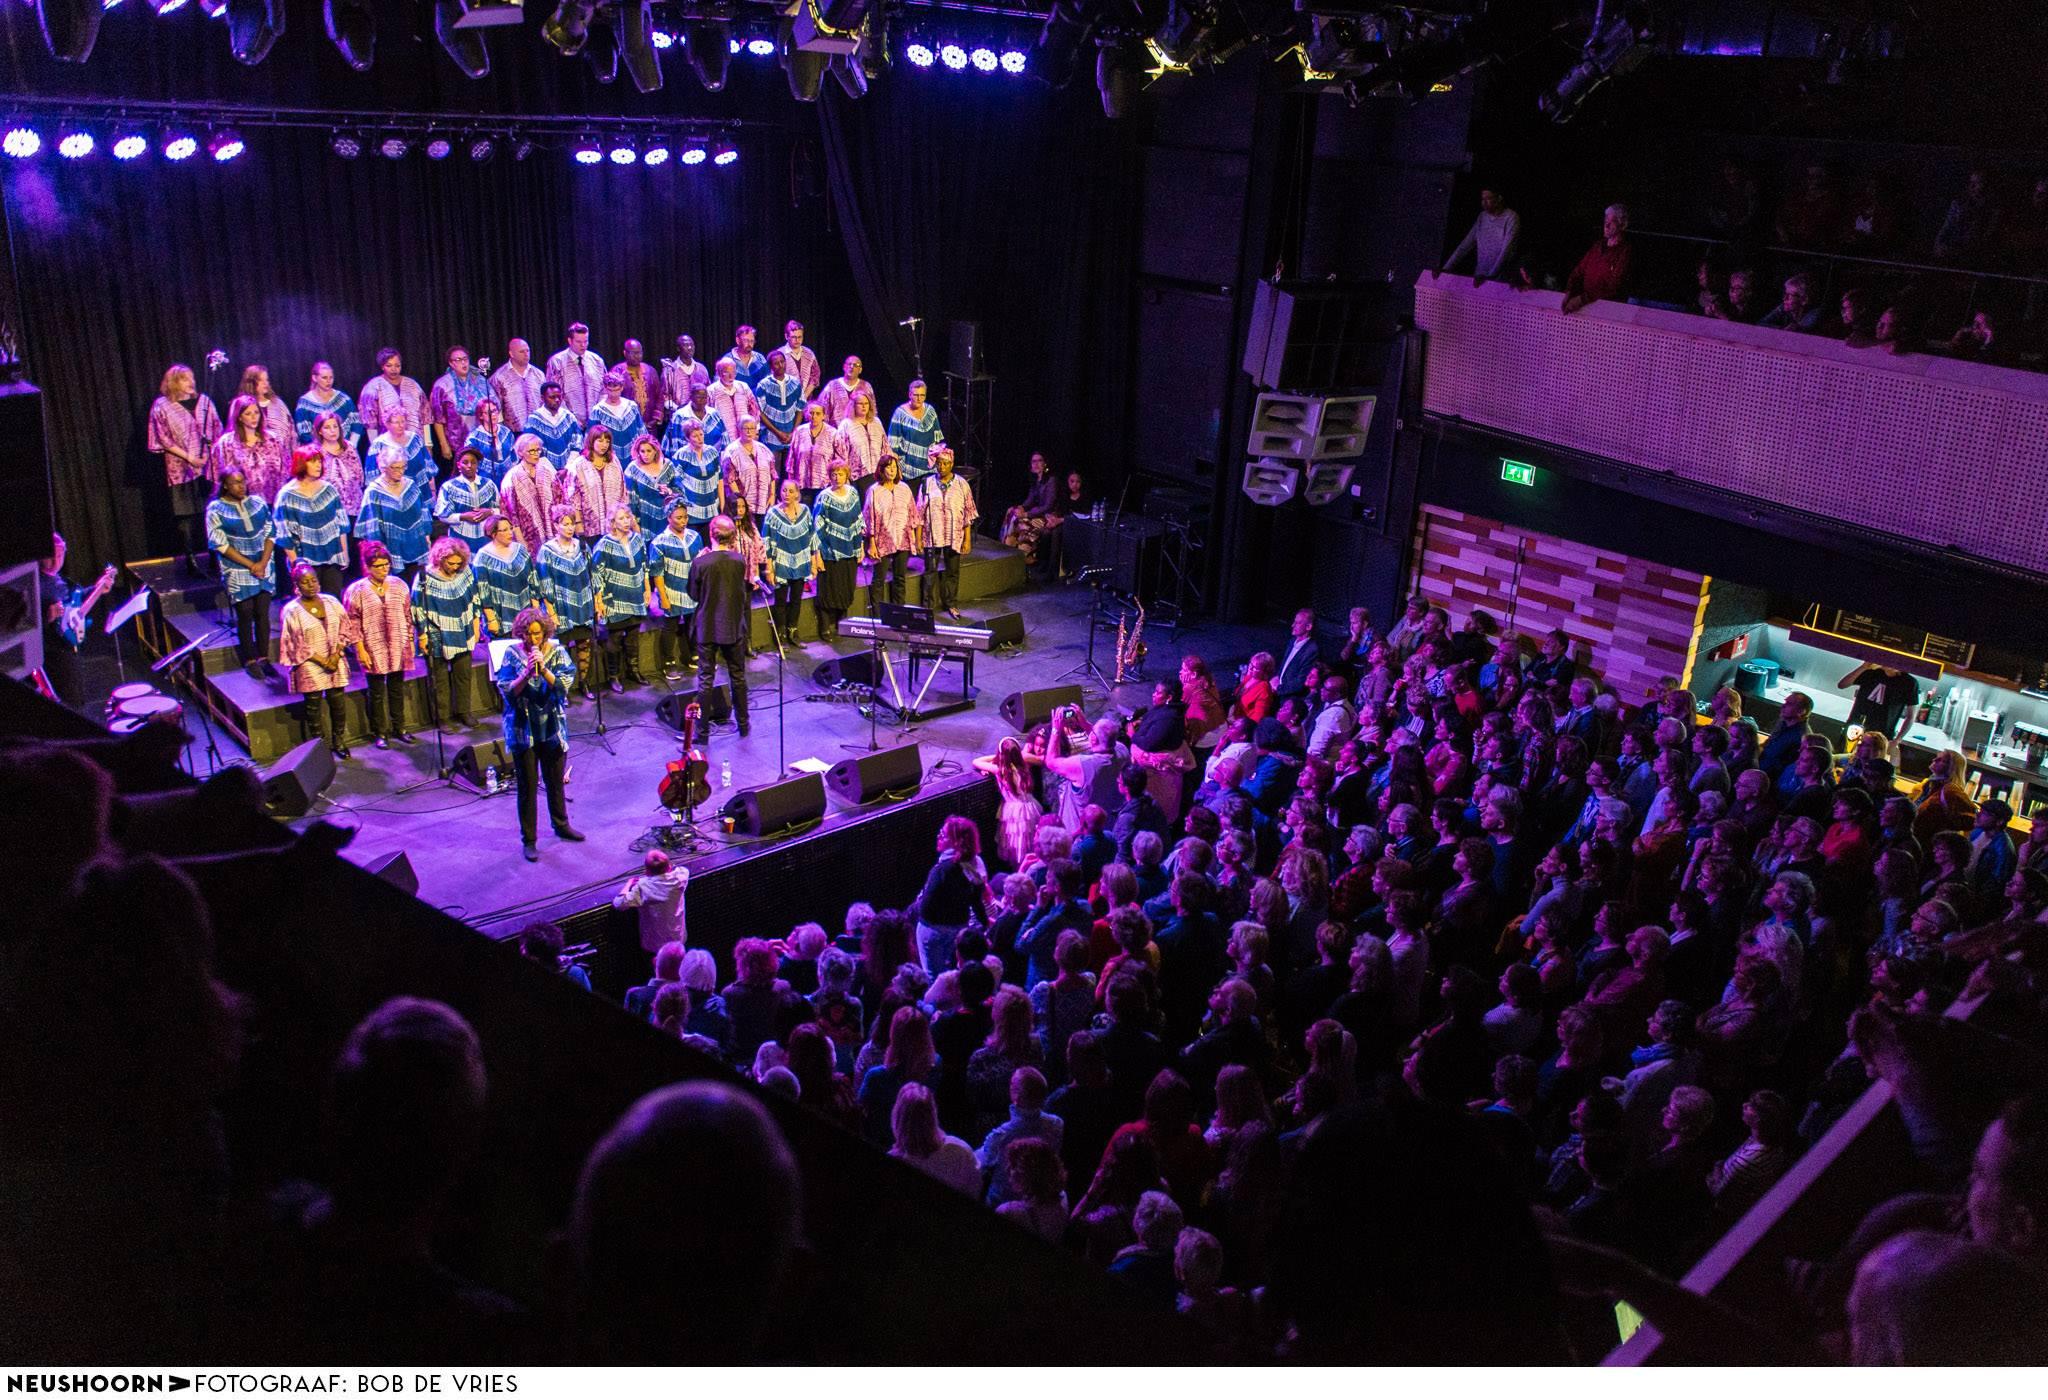 Neushoorn Leeuwarden - All For One Gospel Choir